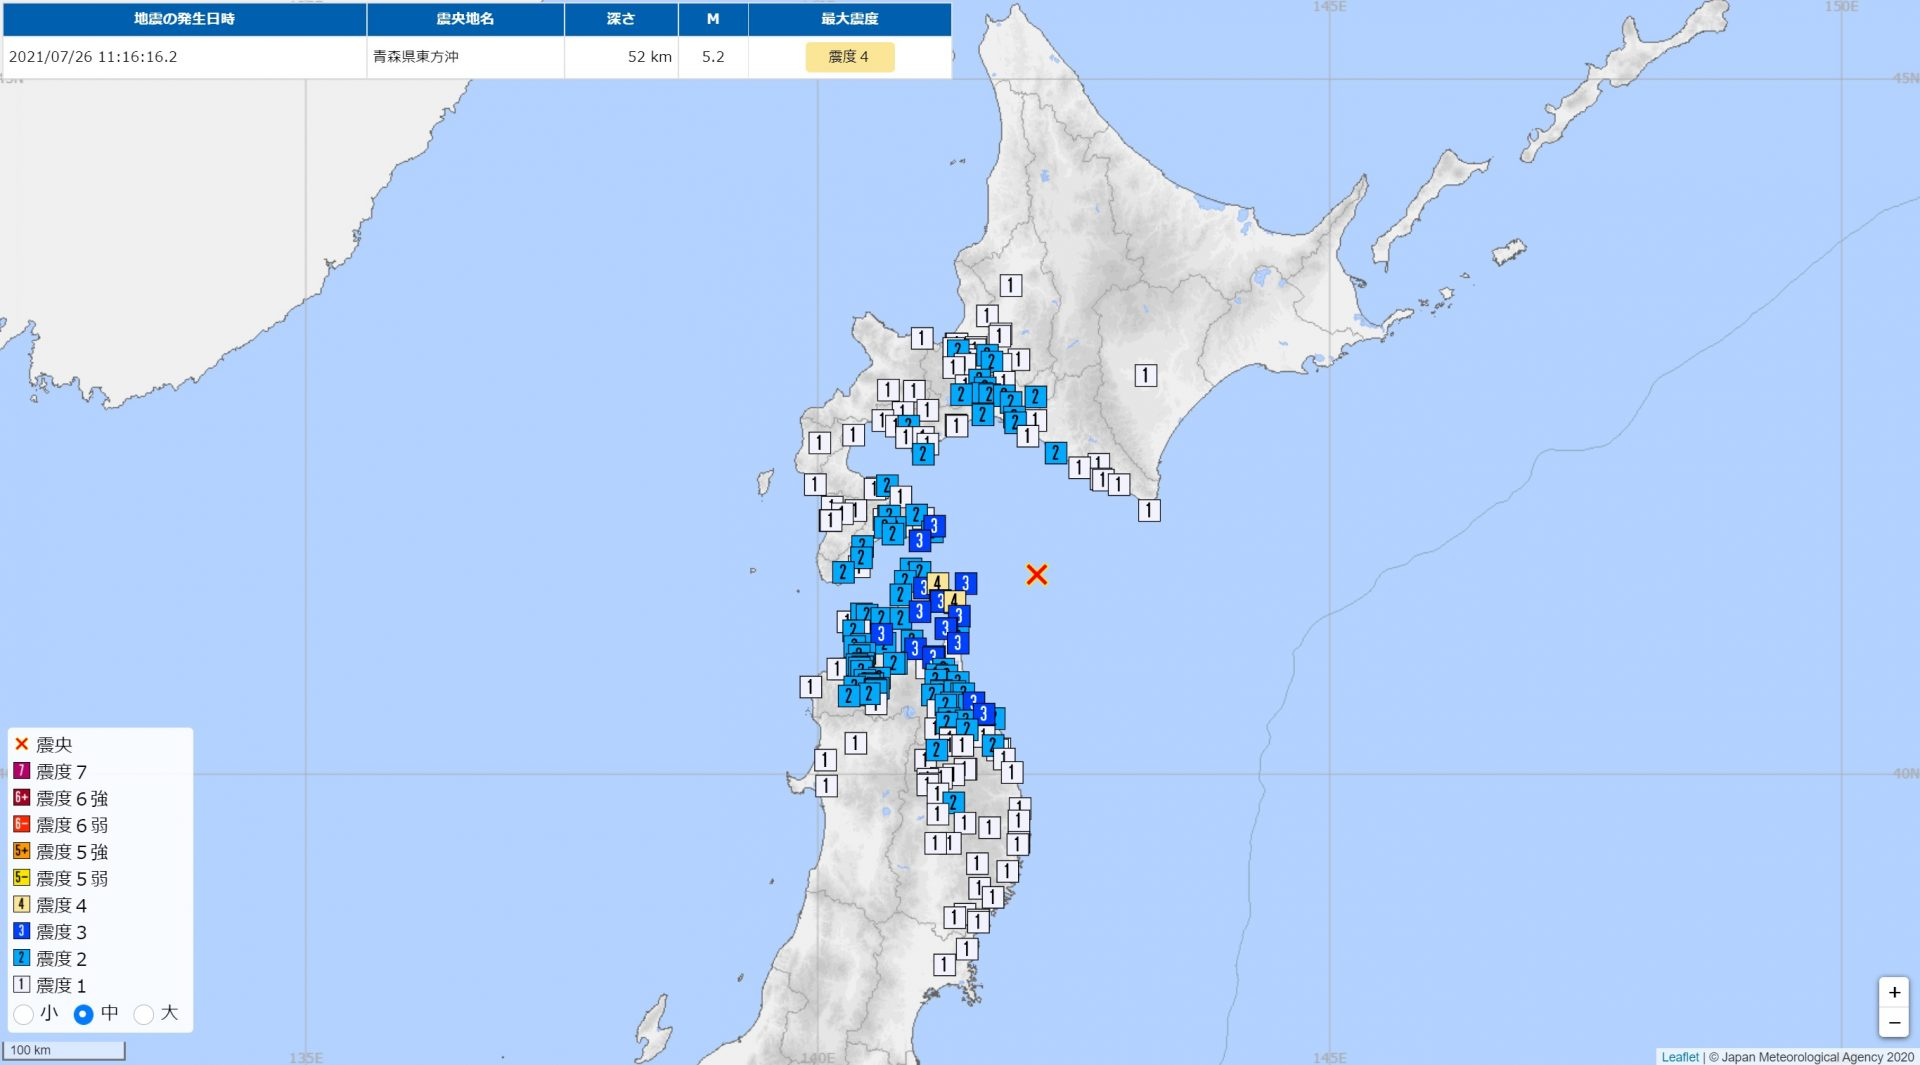 7月27日発生地震